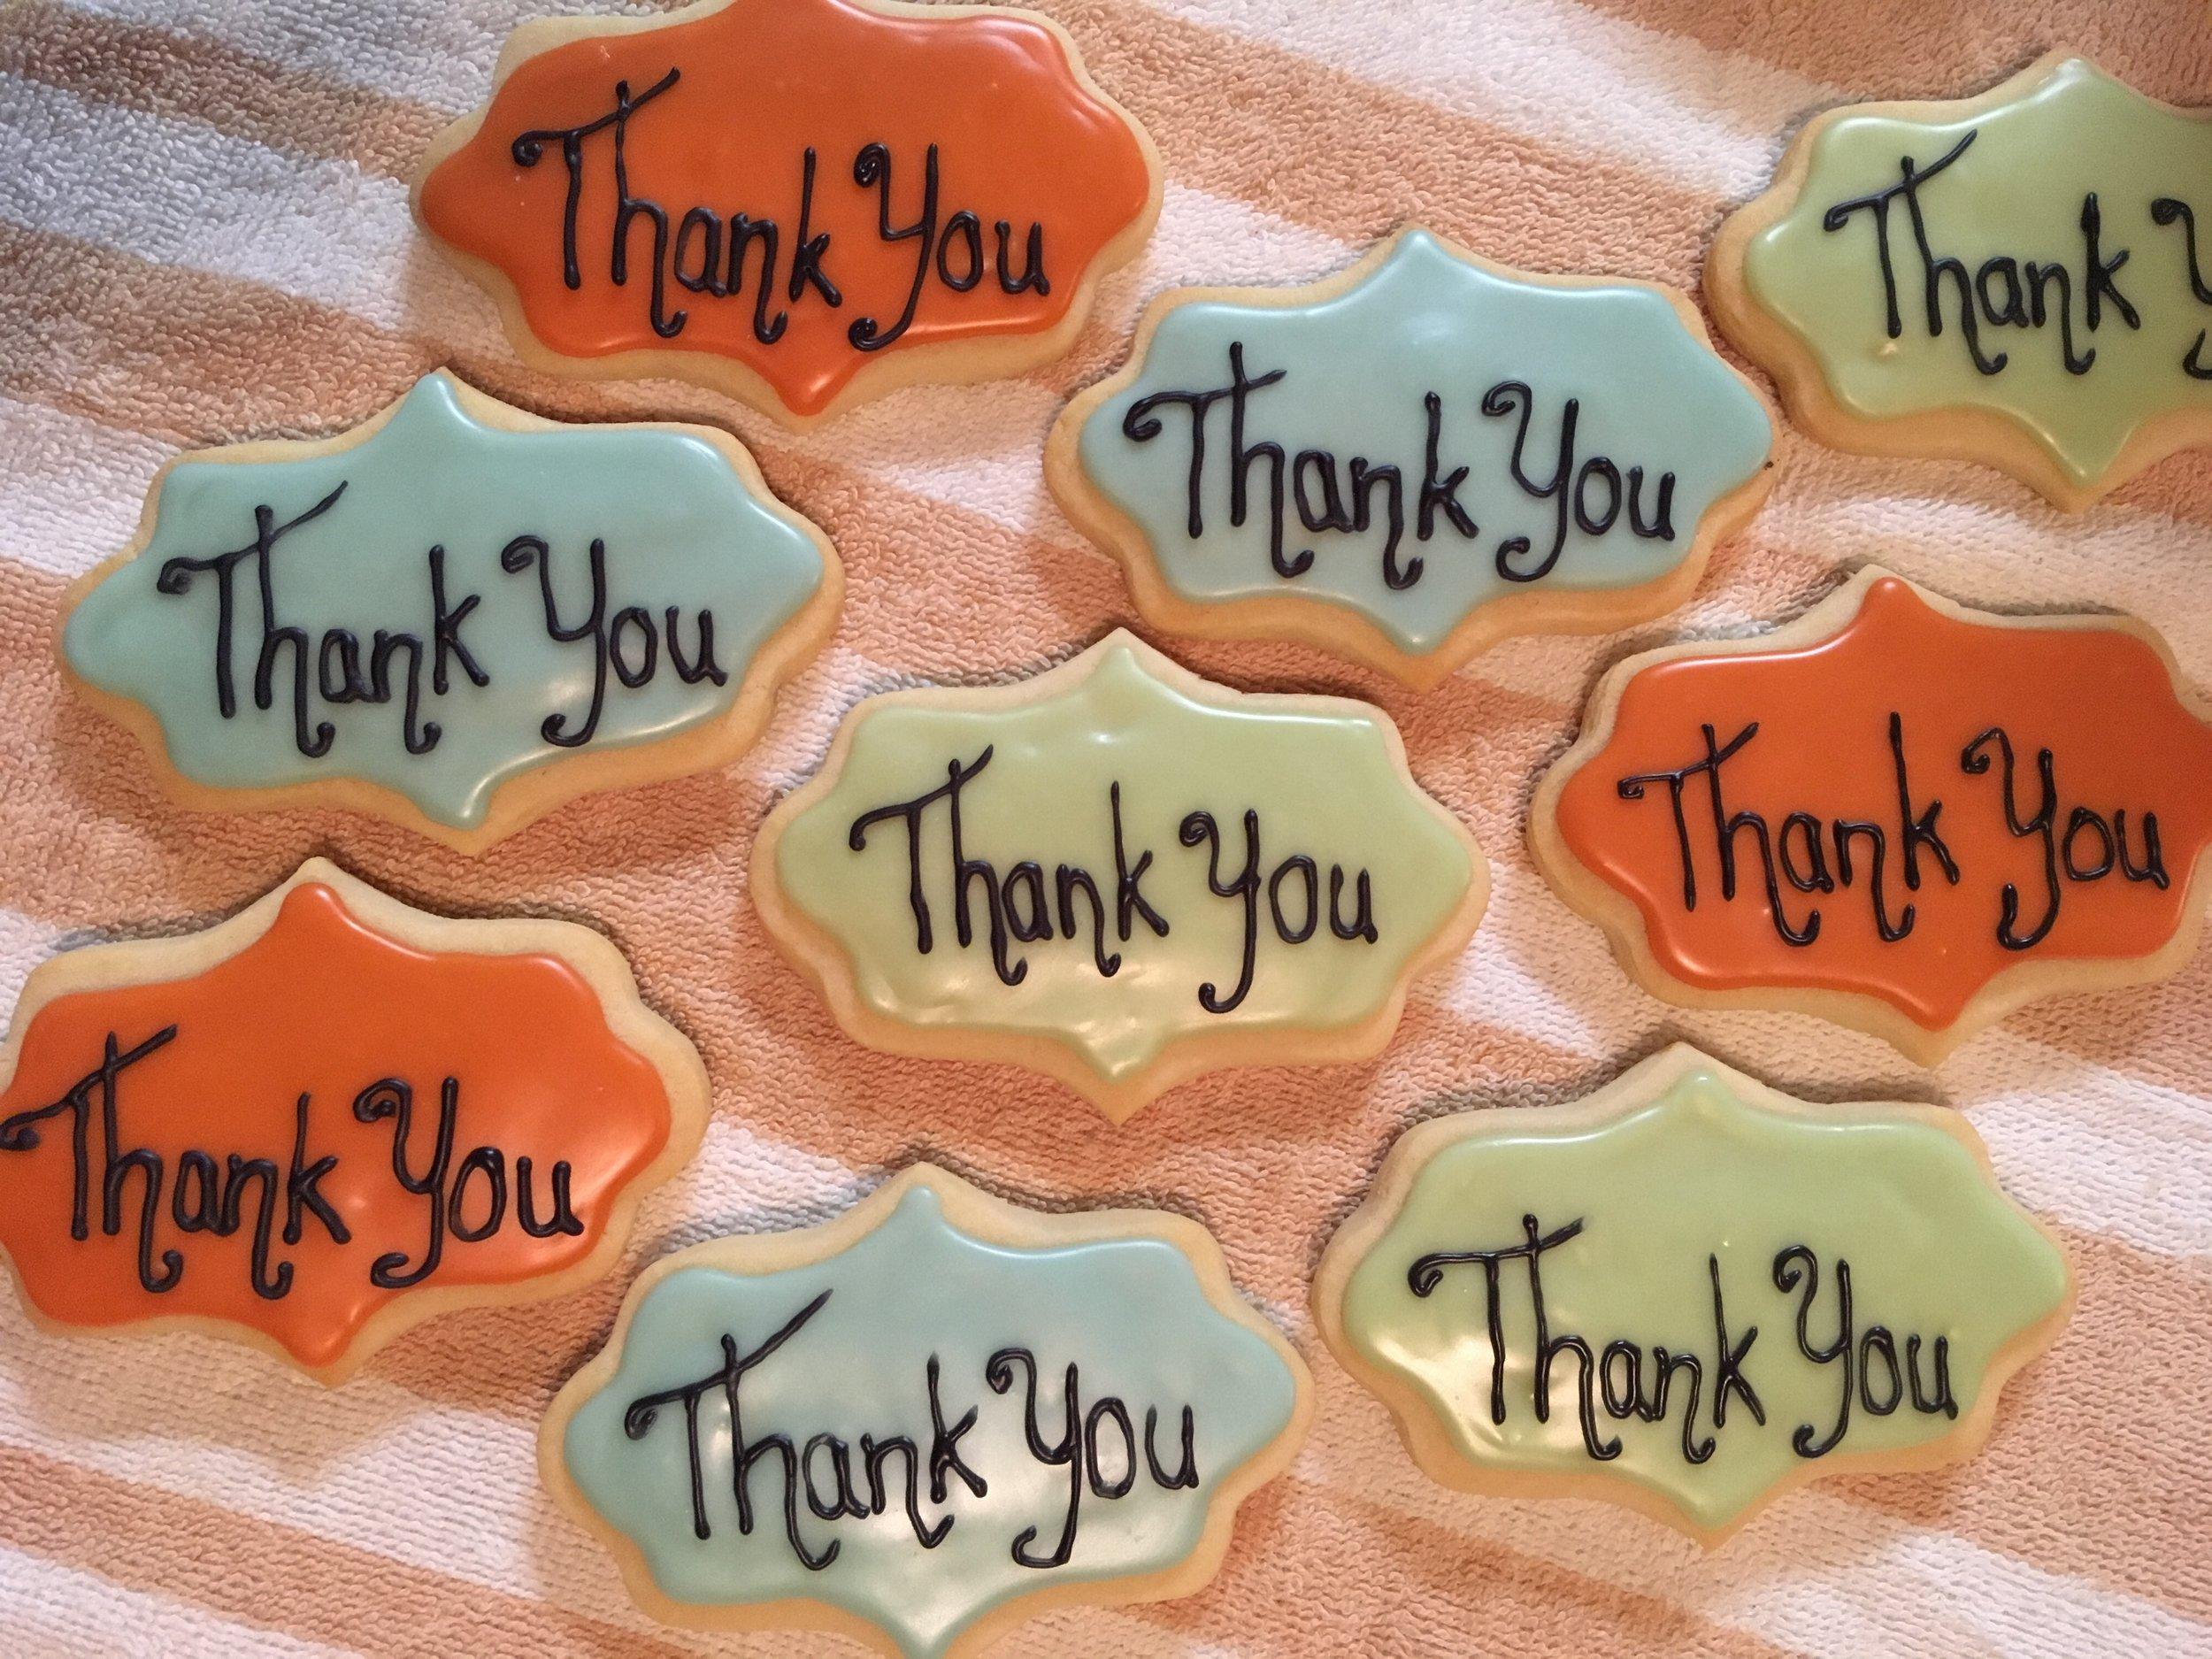 Thankyou Cookies.jpg